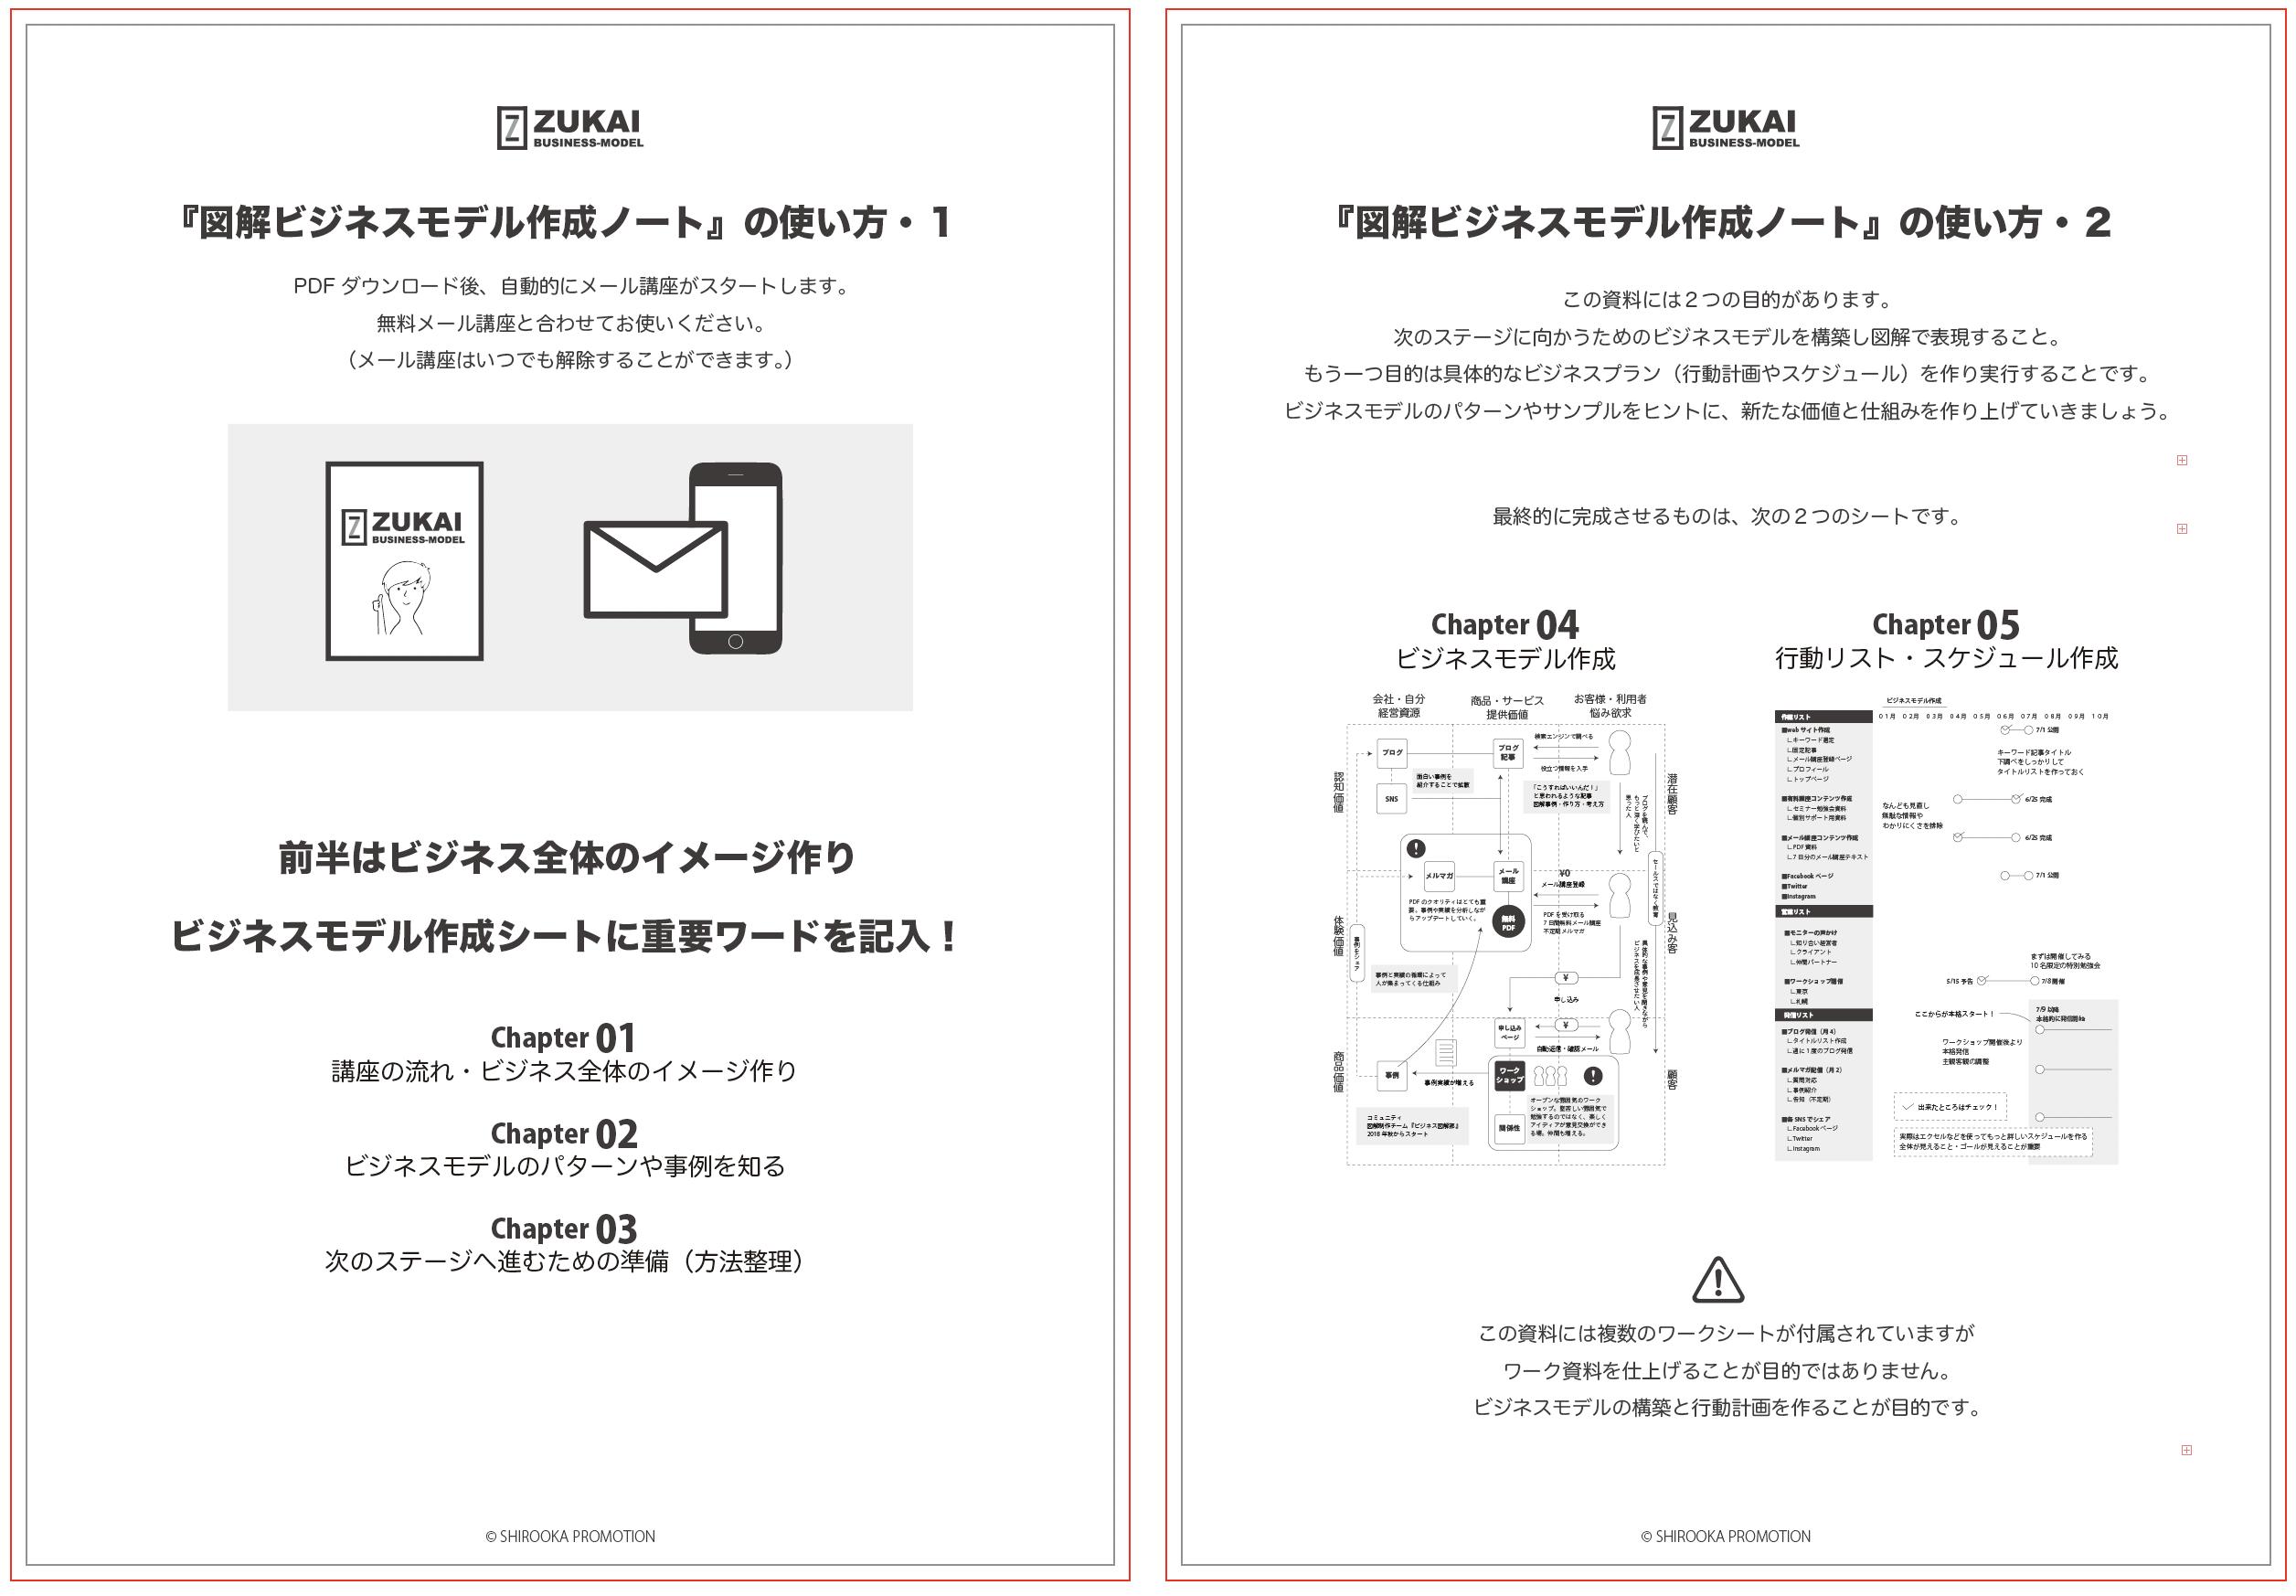 モデルで理解する pdf